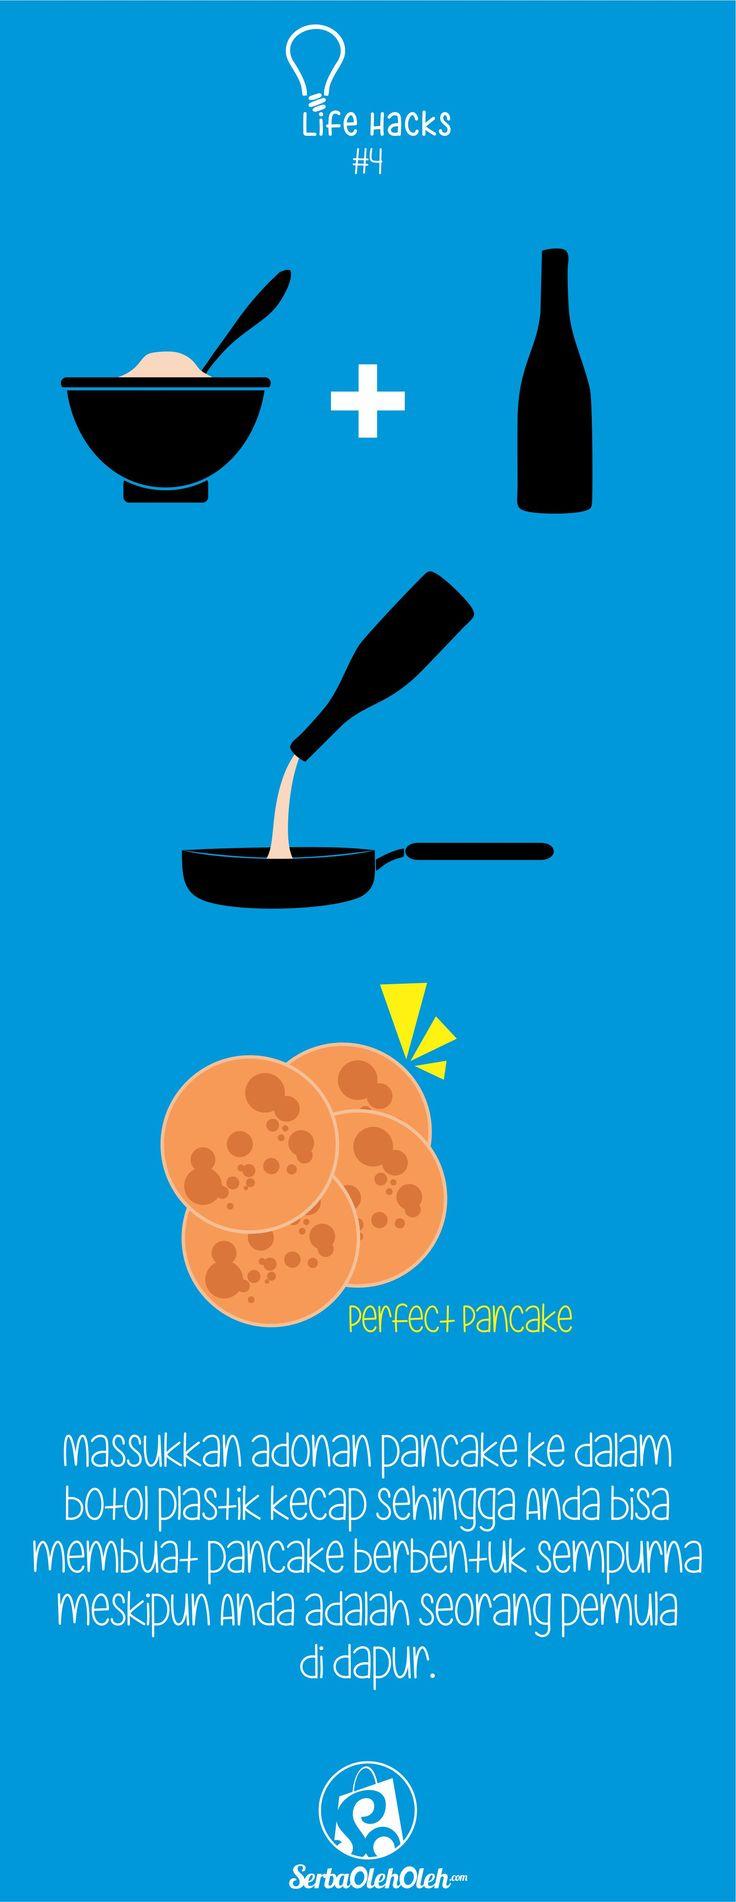 Selamat Siang SOlovers! Lagi makan siang apa nih?! Ngomong-ngomong masalah makanan, pasti pada suka, kan sama yang namanya Pancake. Yup, penganan ini terkenal enak dan mudah dibuat. Tapi tahu gak sih, cara untuk membuat pancake berbentuk sempurna dengan mudah bahkan bagi kalian yang baru dalam urusan dapur :D Langsung aja simak life hack berikut ini yak!  Jangan lupa juga ya untuk kunjungi http://serbaoleholeh.com website jual beli oleh-oleh dan barang khas paling kece :)  #lifehack…